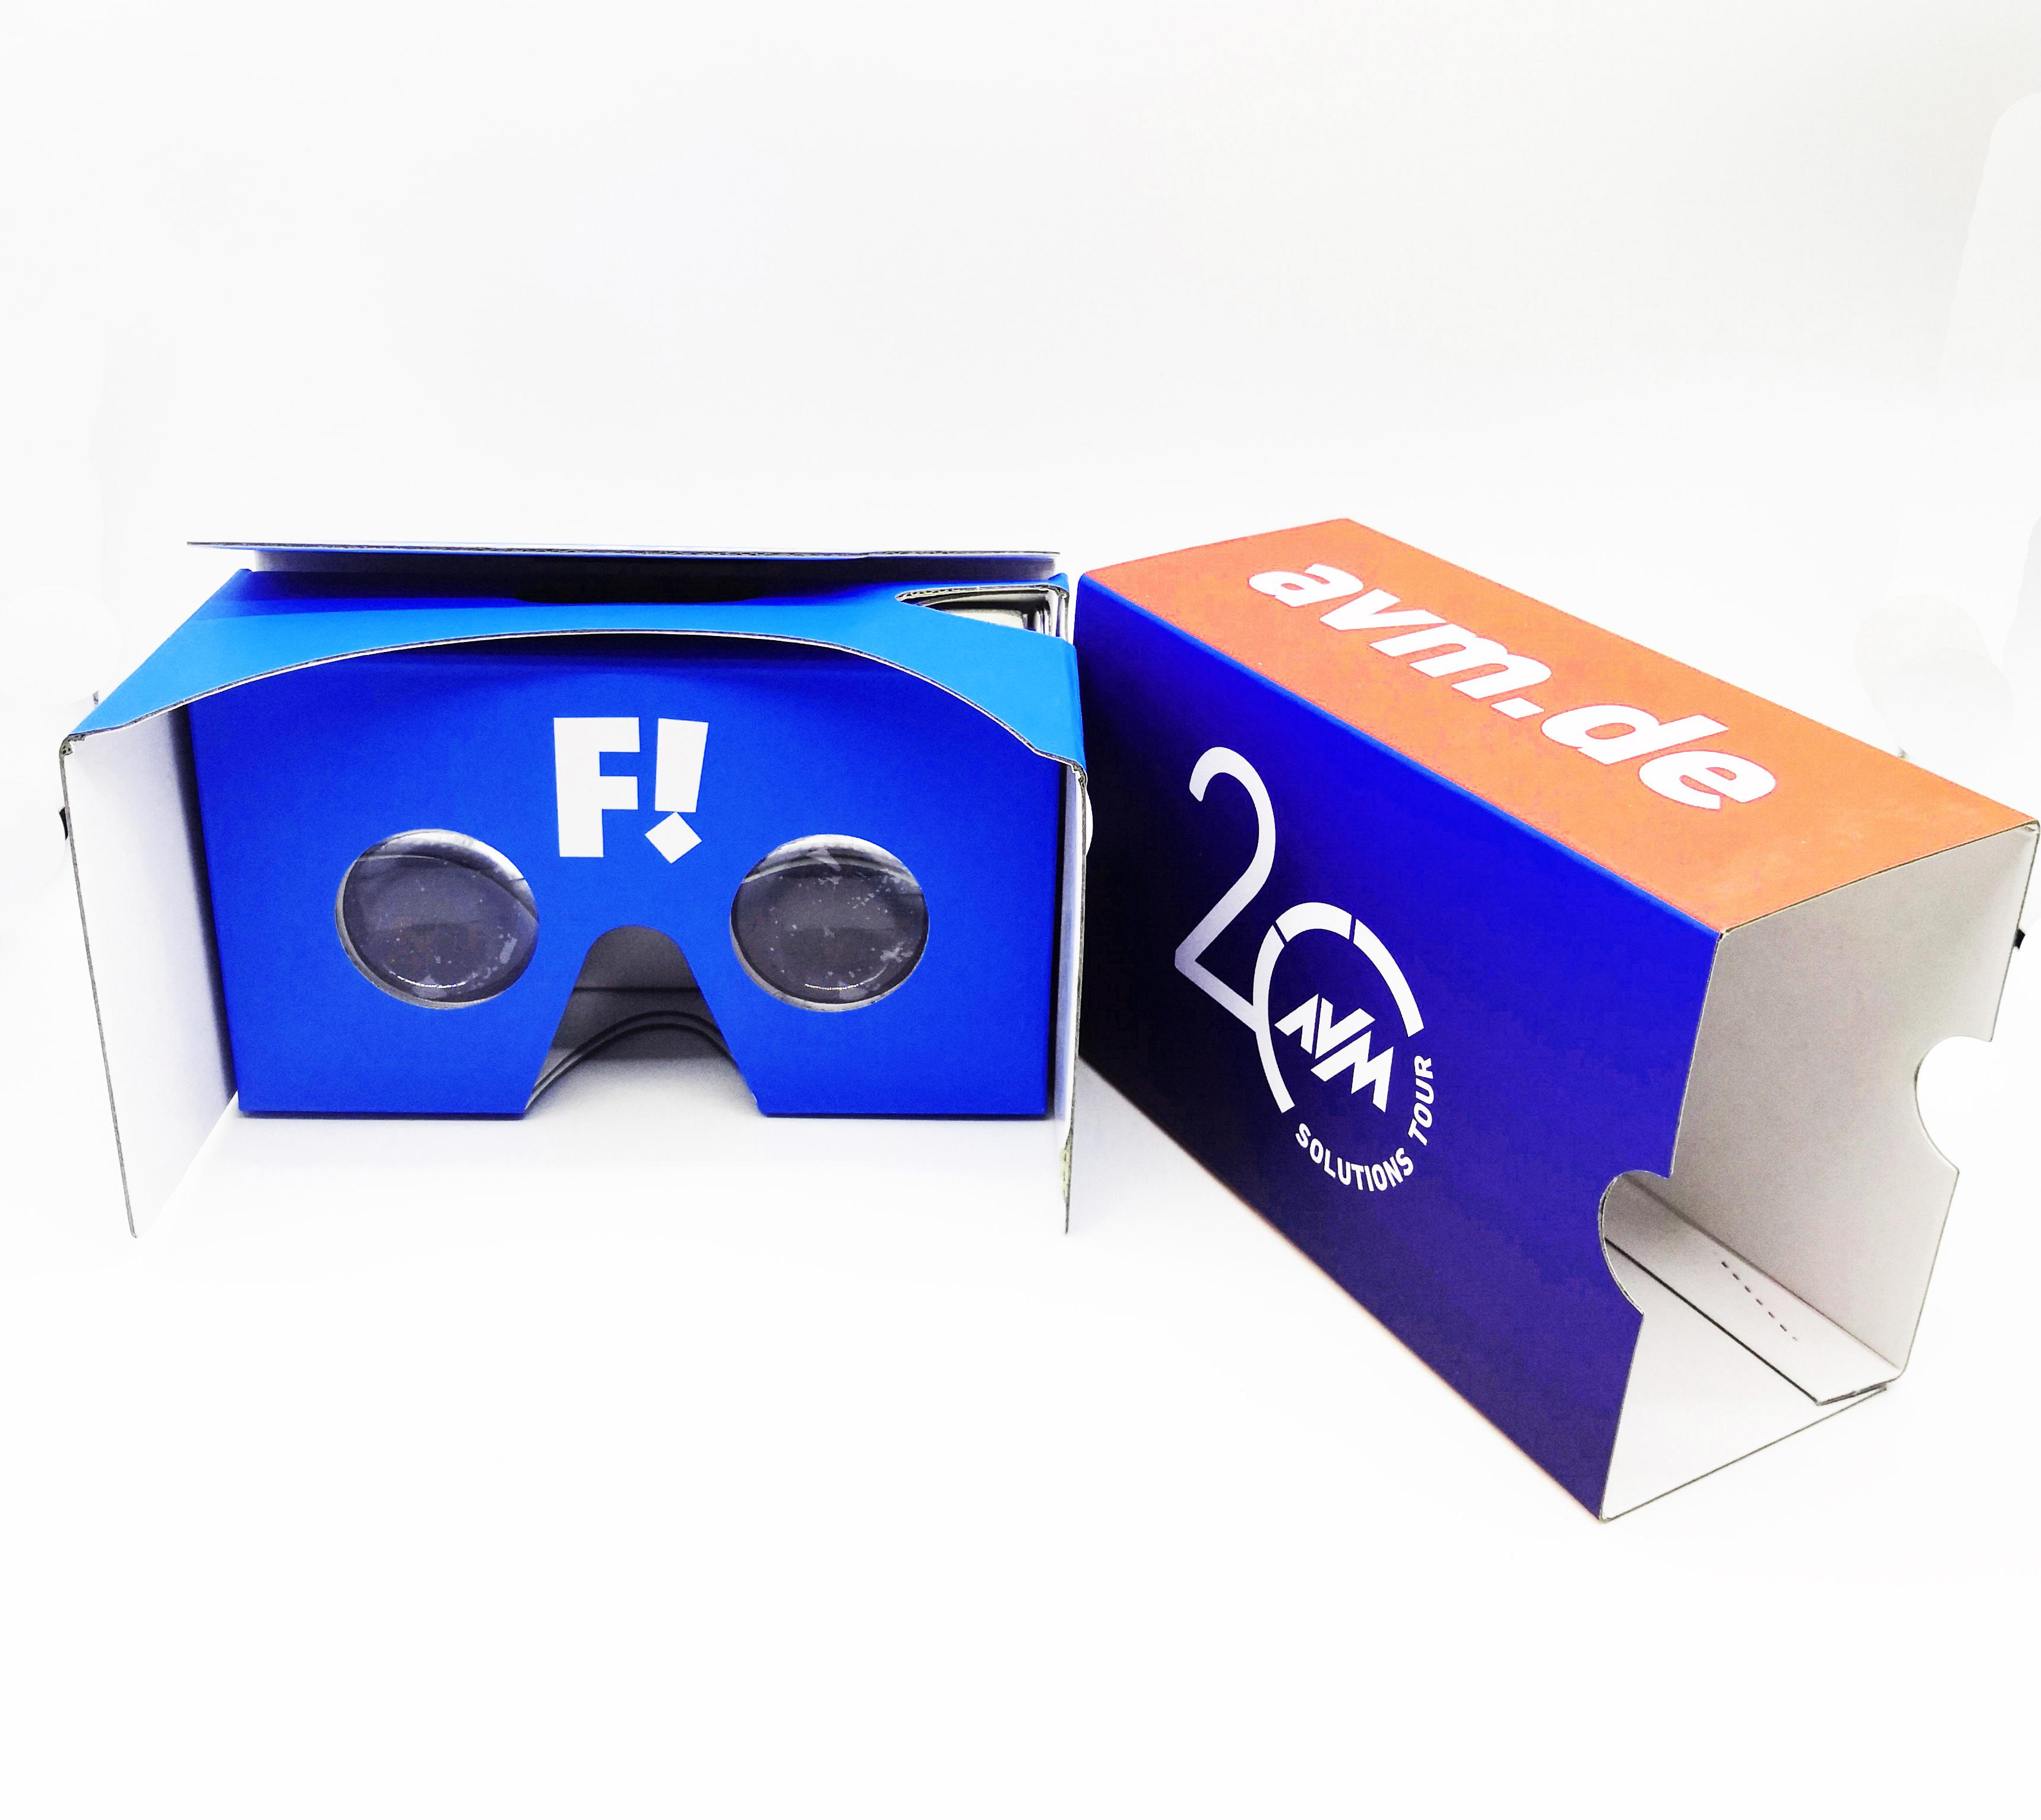 Hot Selling Google Cardboard 2 0 Diy Google Cardboard Vr Glass Box Buy Google Cardboard Vr Glass Box Cardboard 3d Glass For Smart Phone Lens Smart